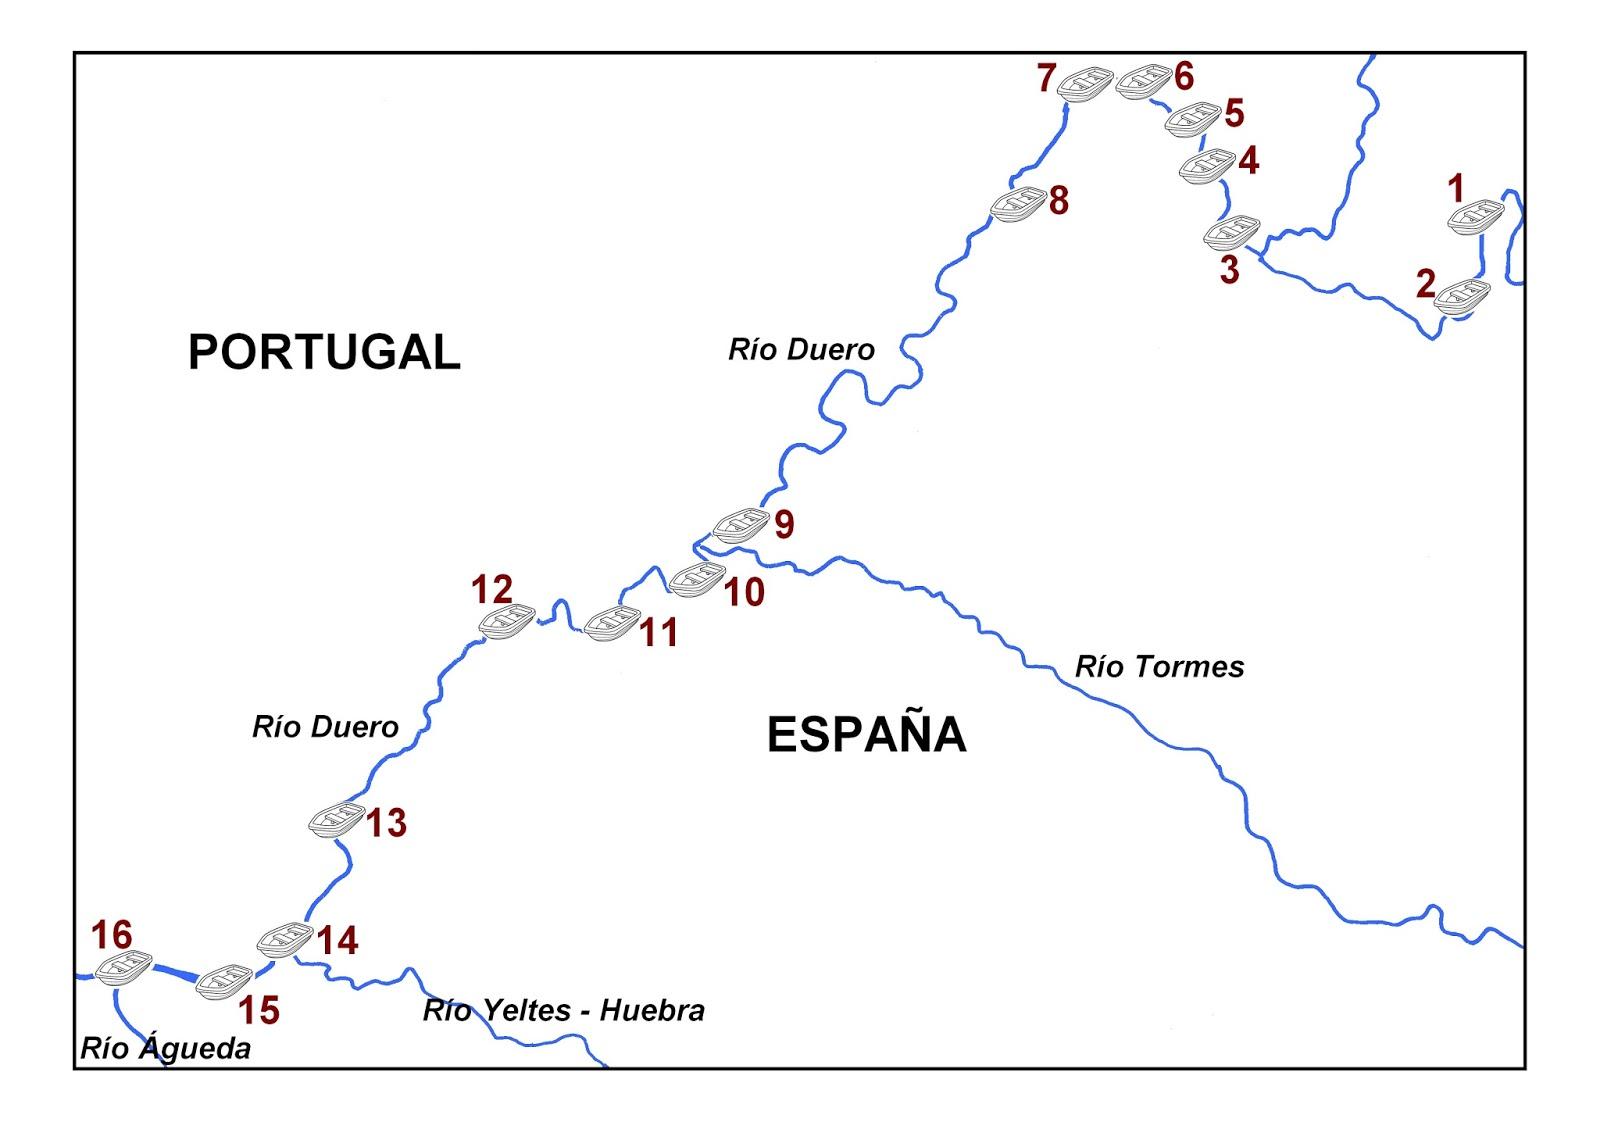 Historia Desde Benavente El Cruce Del Duero En Fermoselle